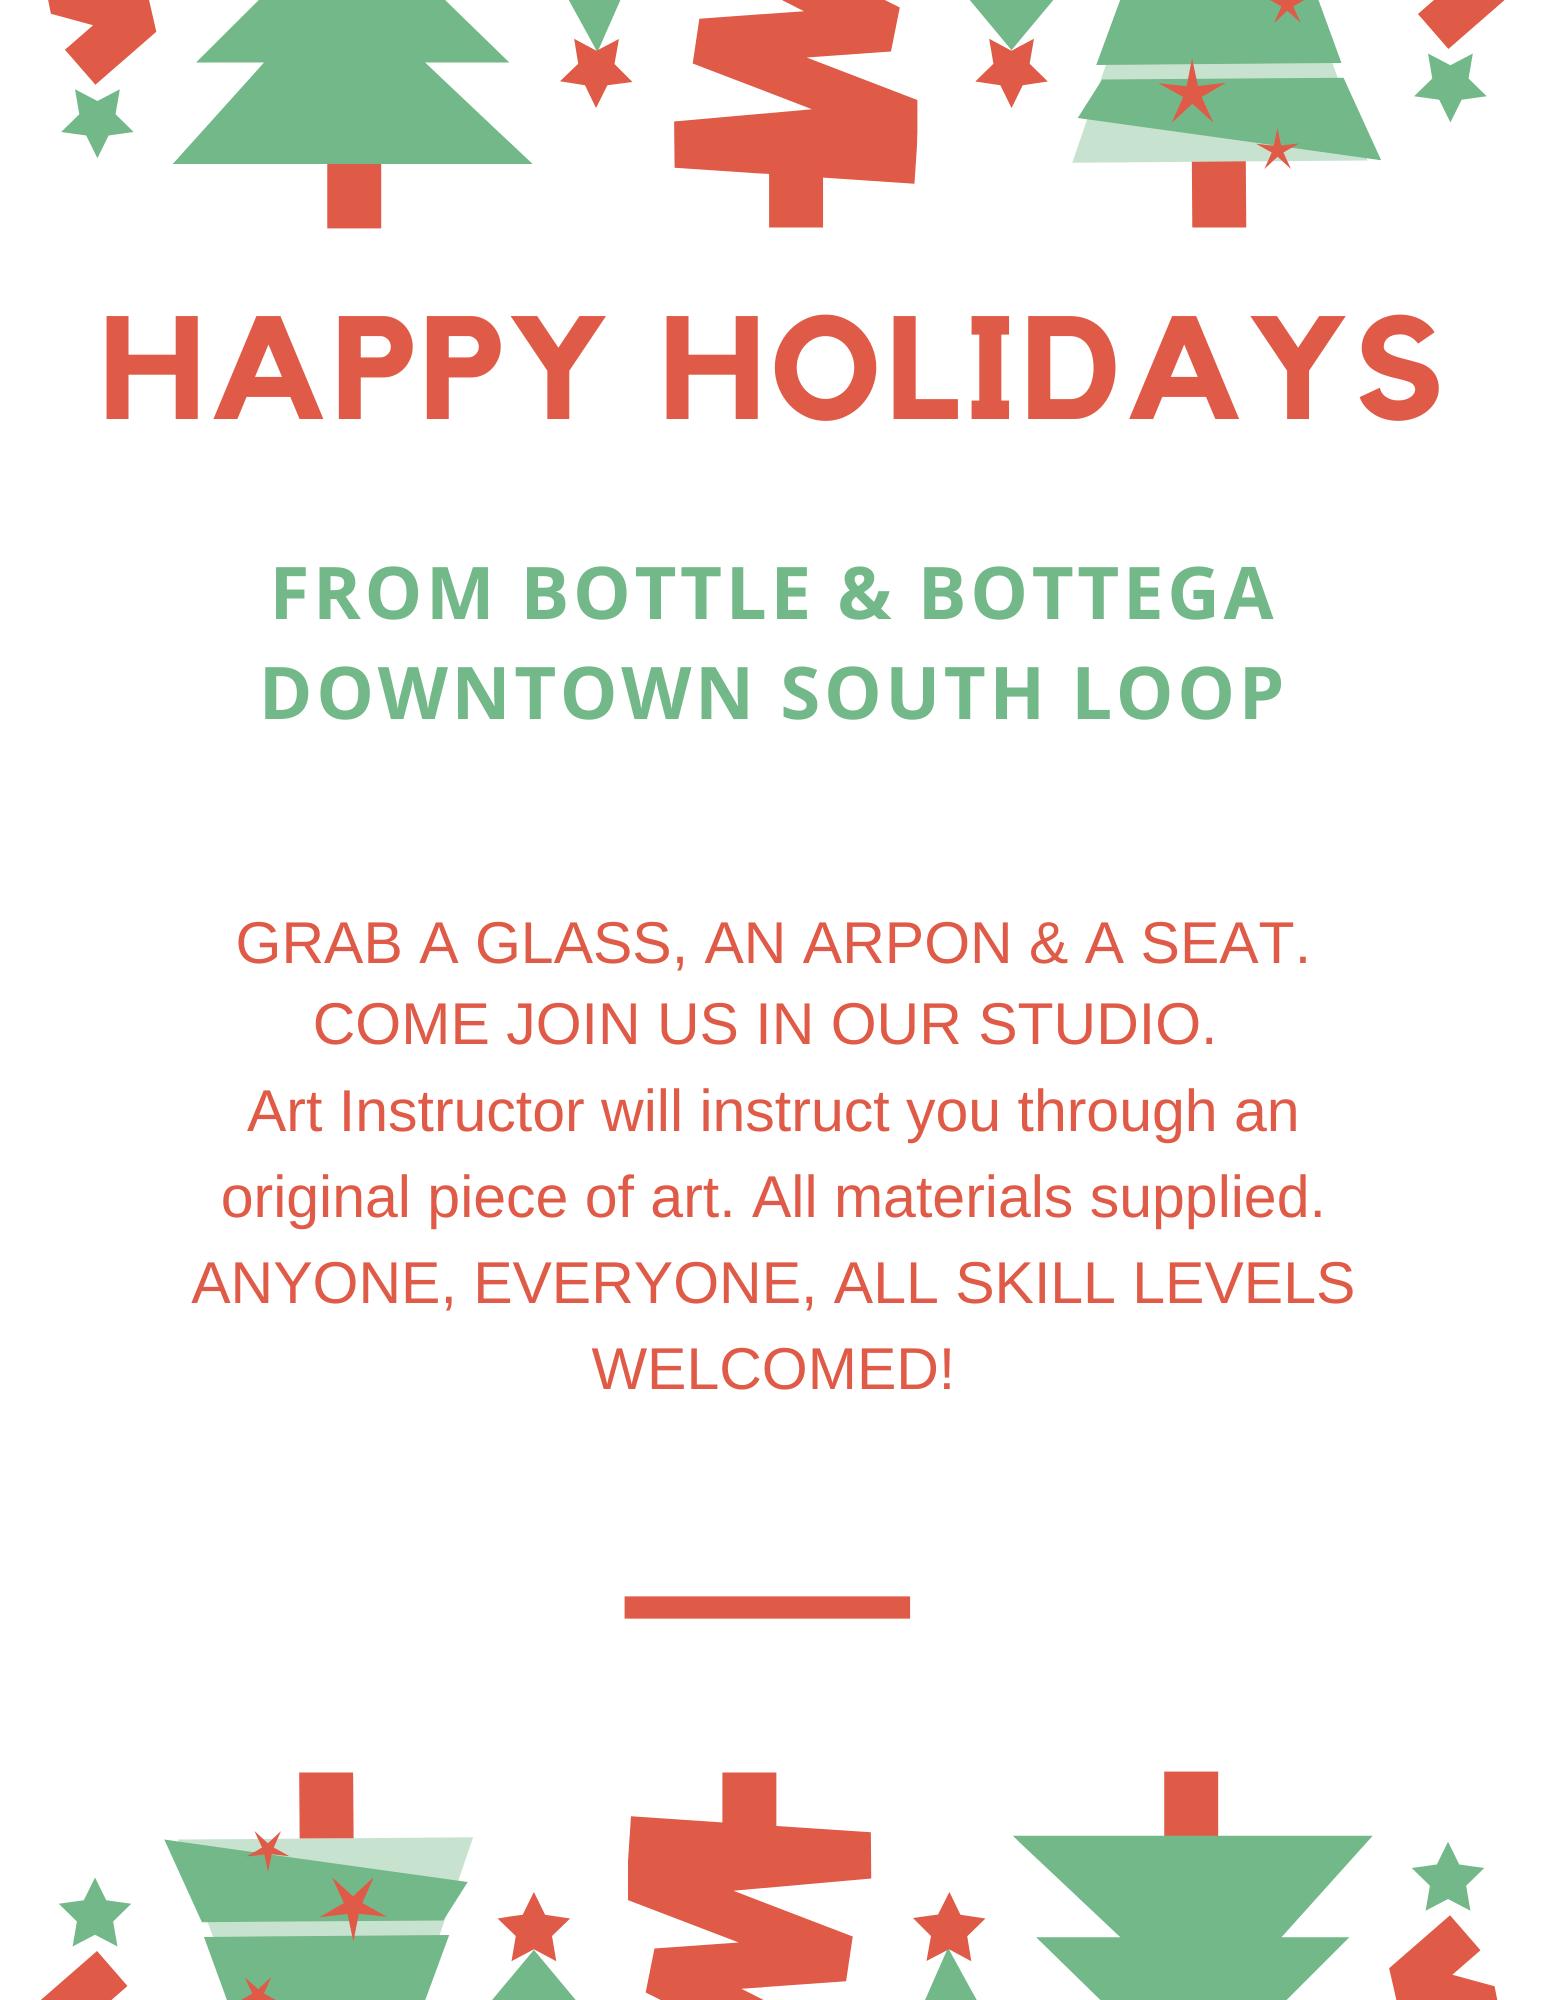 Happy Holidays! Bottle & Bottega